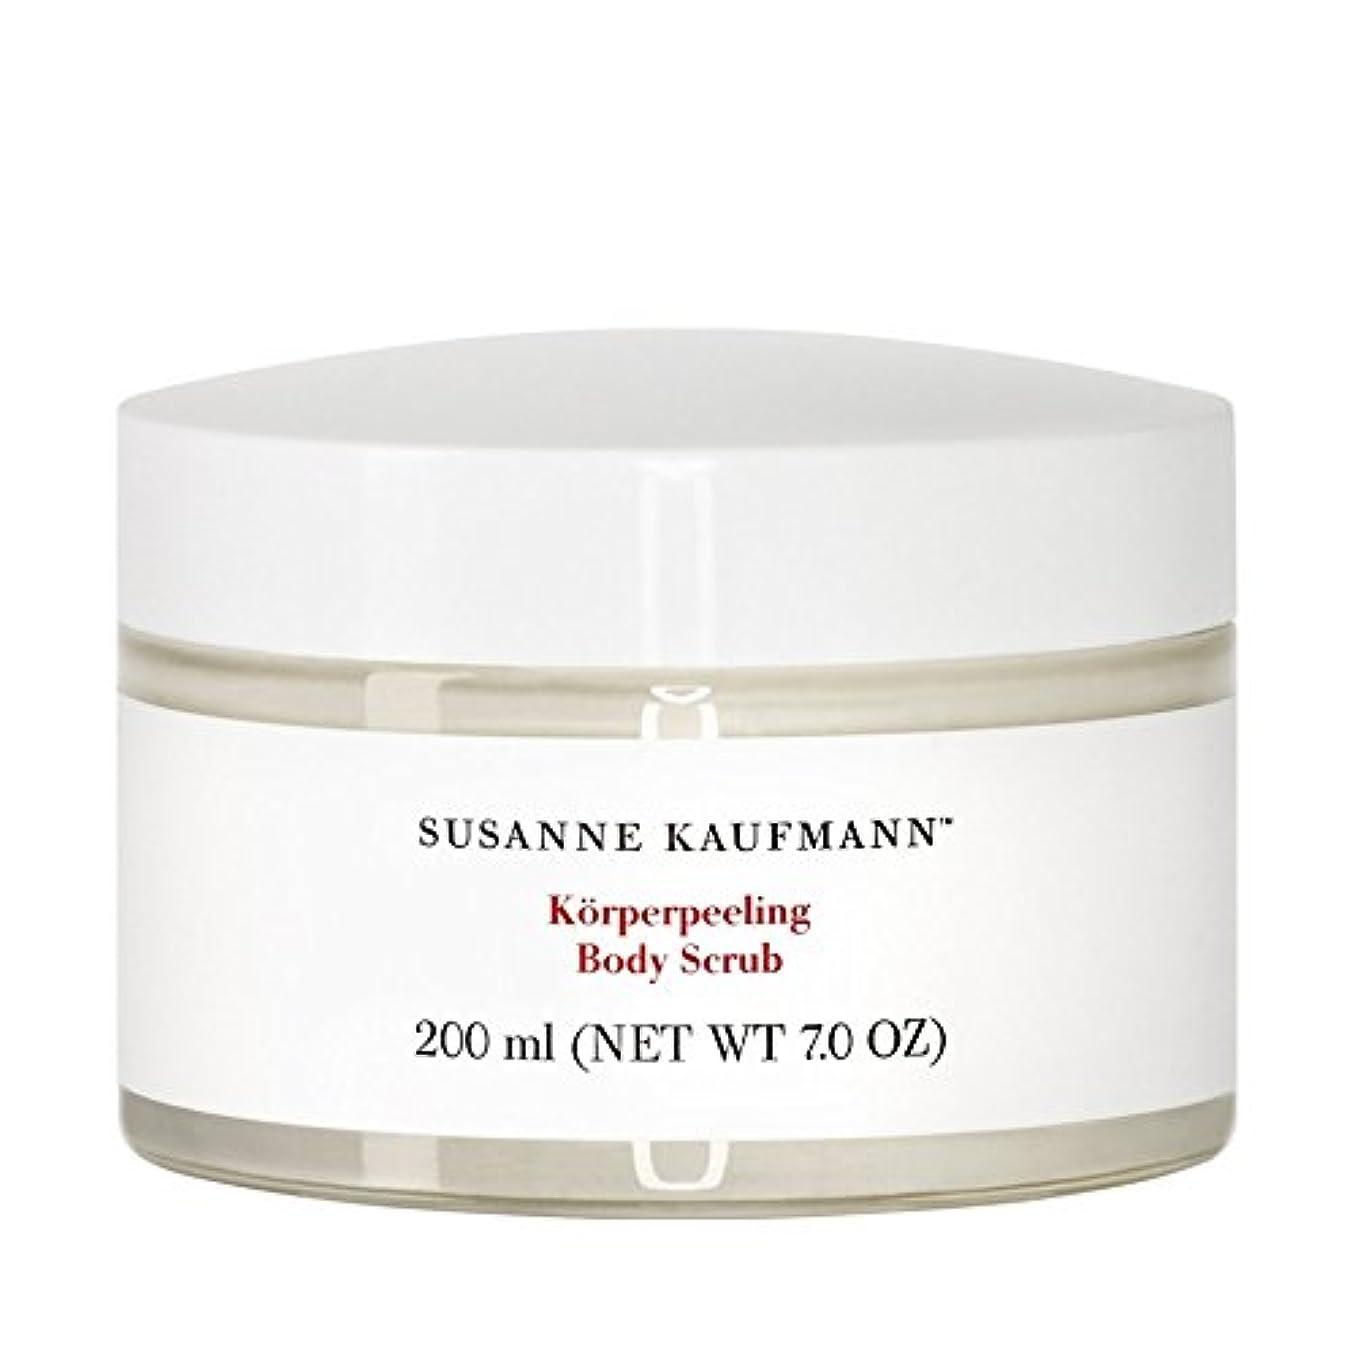 閉塞洗剤摂氏Susanne Kaufmann Body Scrub 200ml - スザンヌカウフマンボディスクラブ200ミリリットル [並行輸入品]